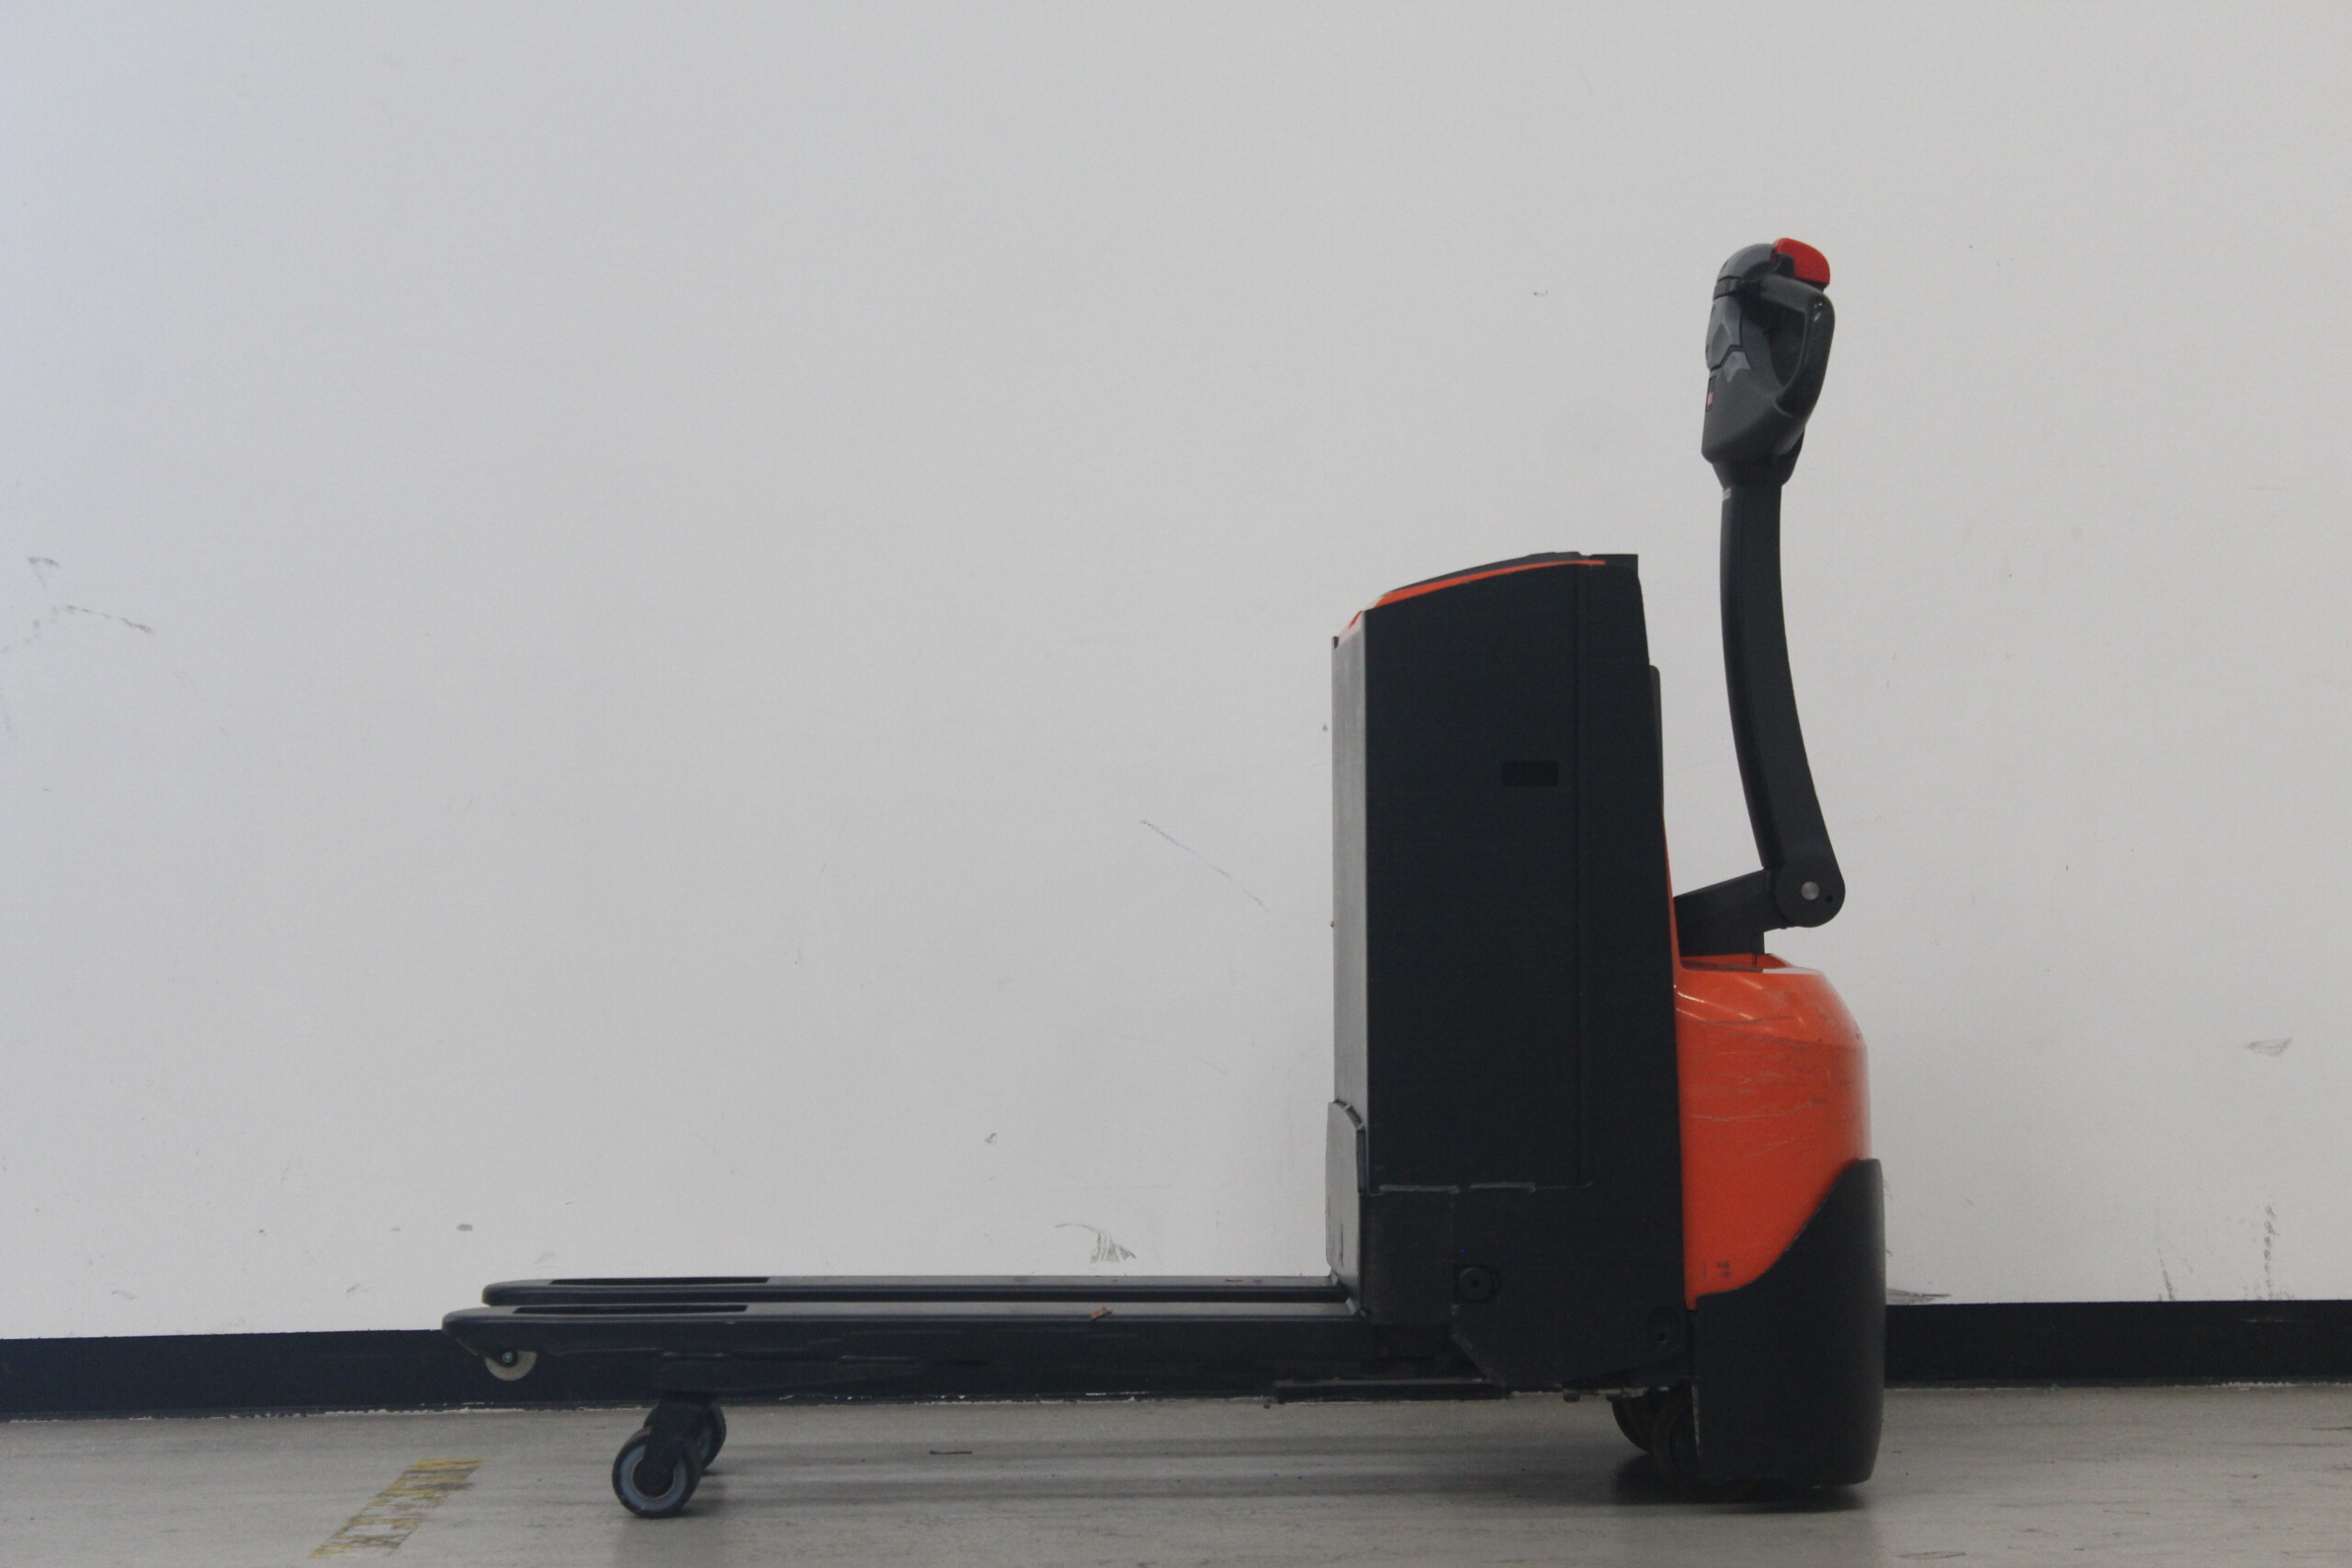 Toyota-Gabelstapler-59840 1509011927 1 5 scaled